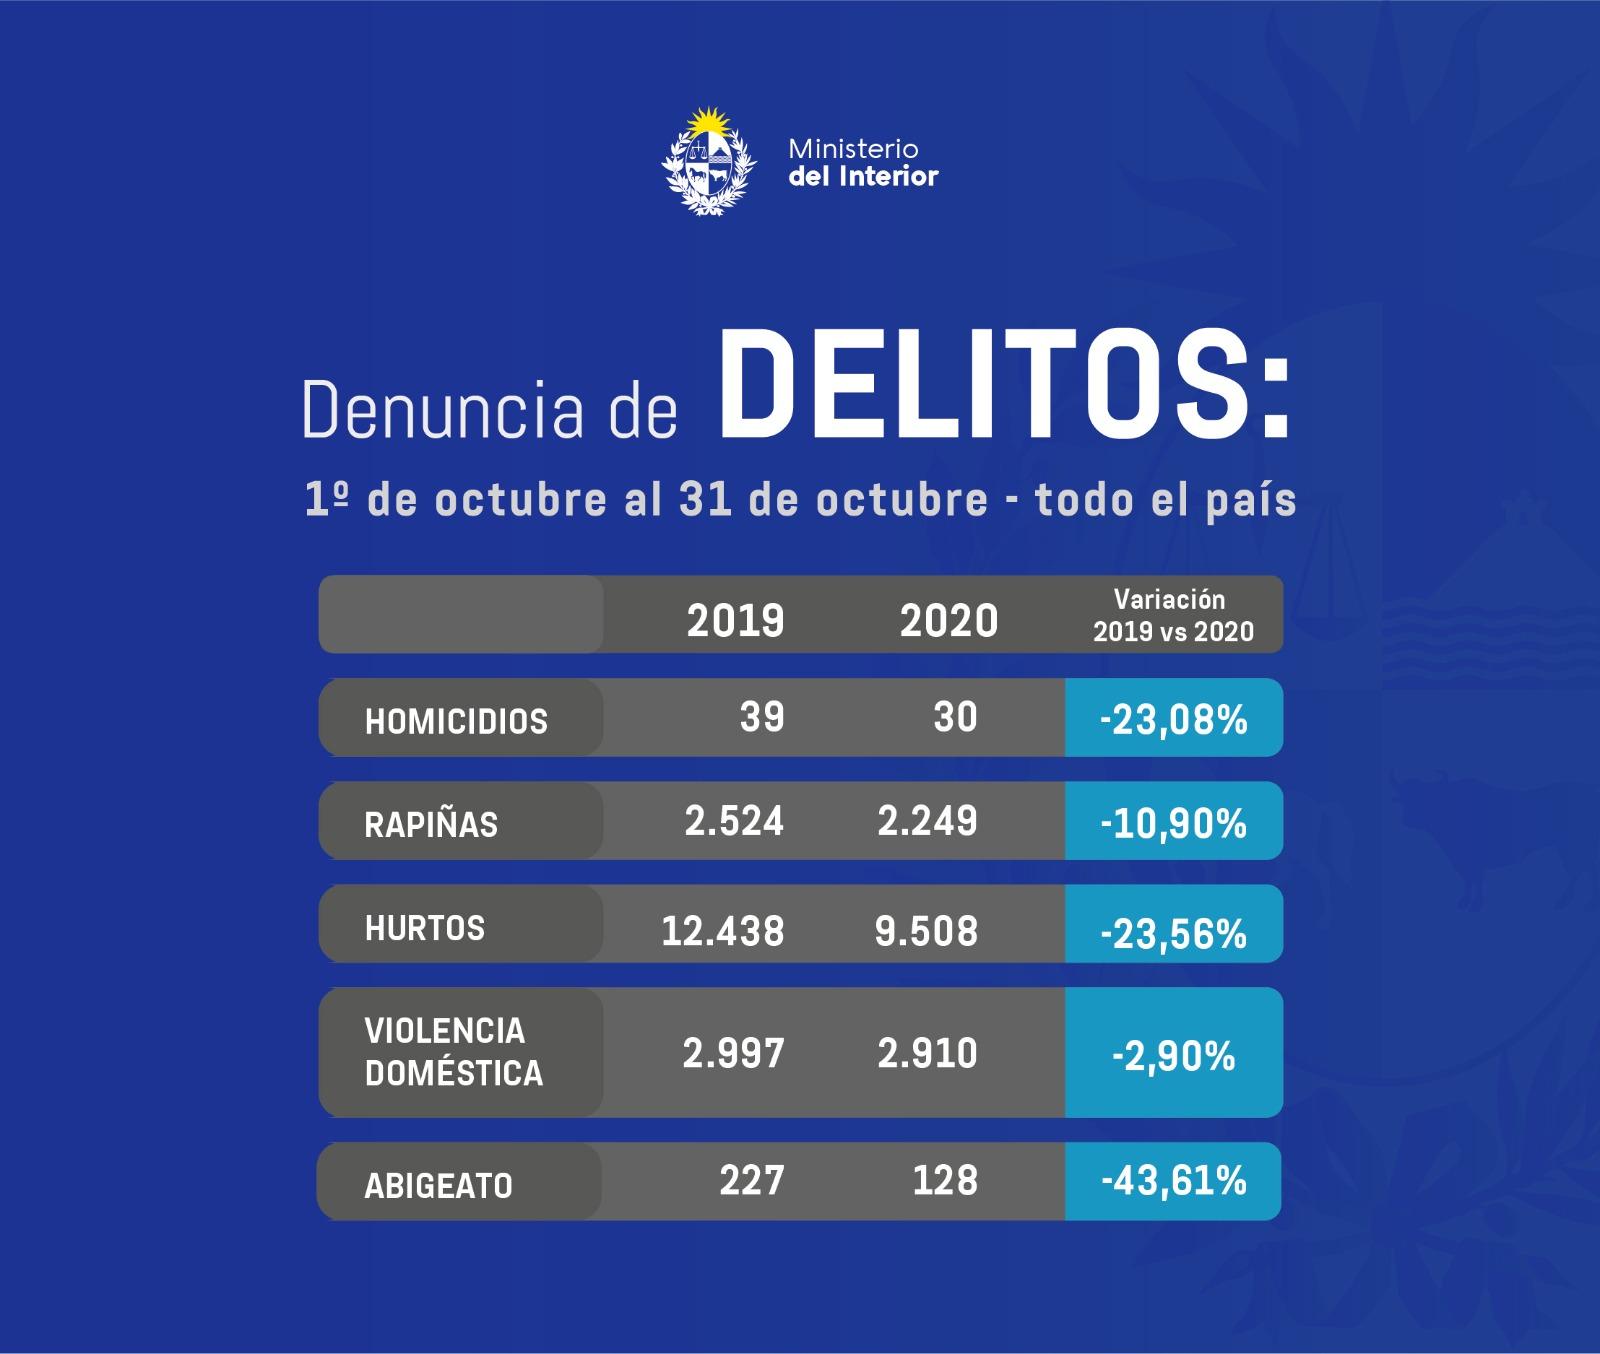 2 - Se registró una baja de homicidios, rapiñas y hurtos en 2020, según Ministerio del Interior